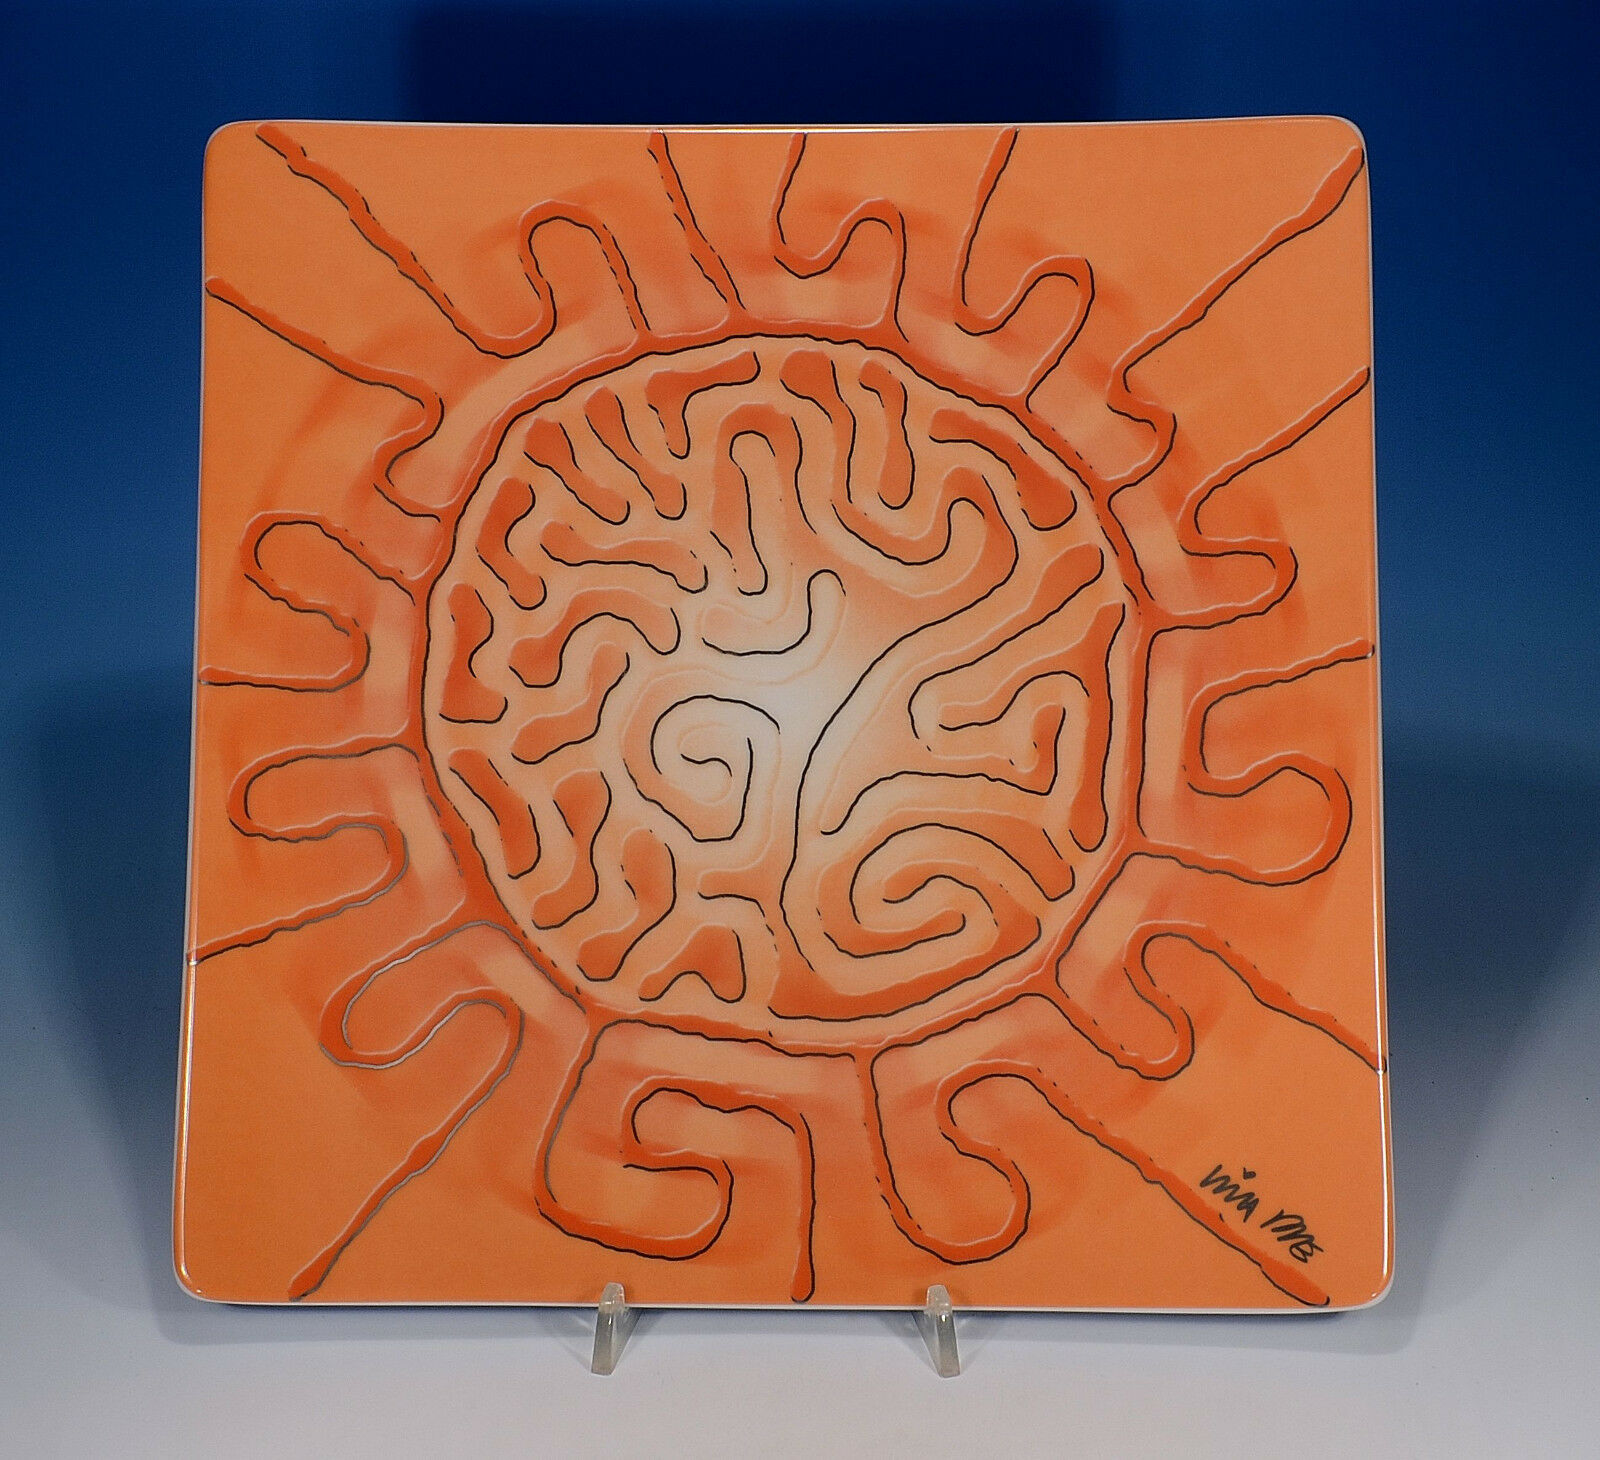 Rosenthal  Celebrity ART EDITION 1  plaque assiettes 30,5 x 30,5 cm 1. Choix